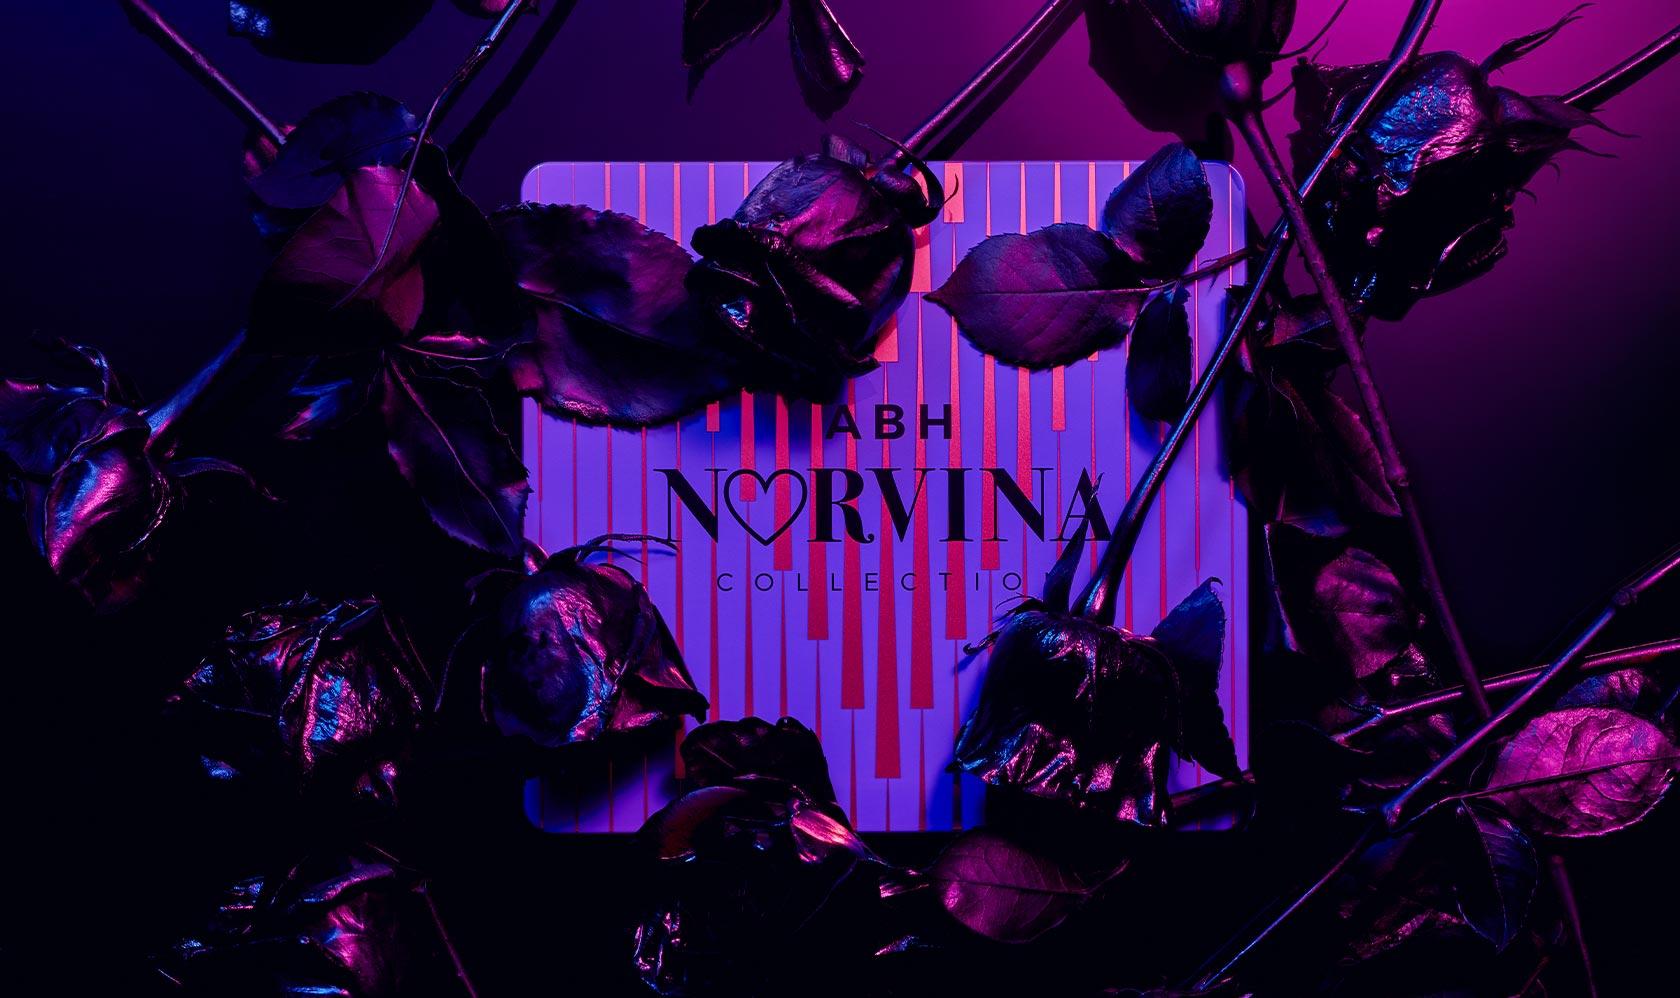 norvina-vol1-campaign-3